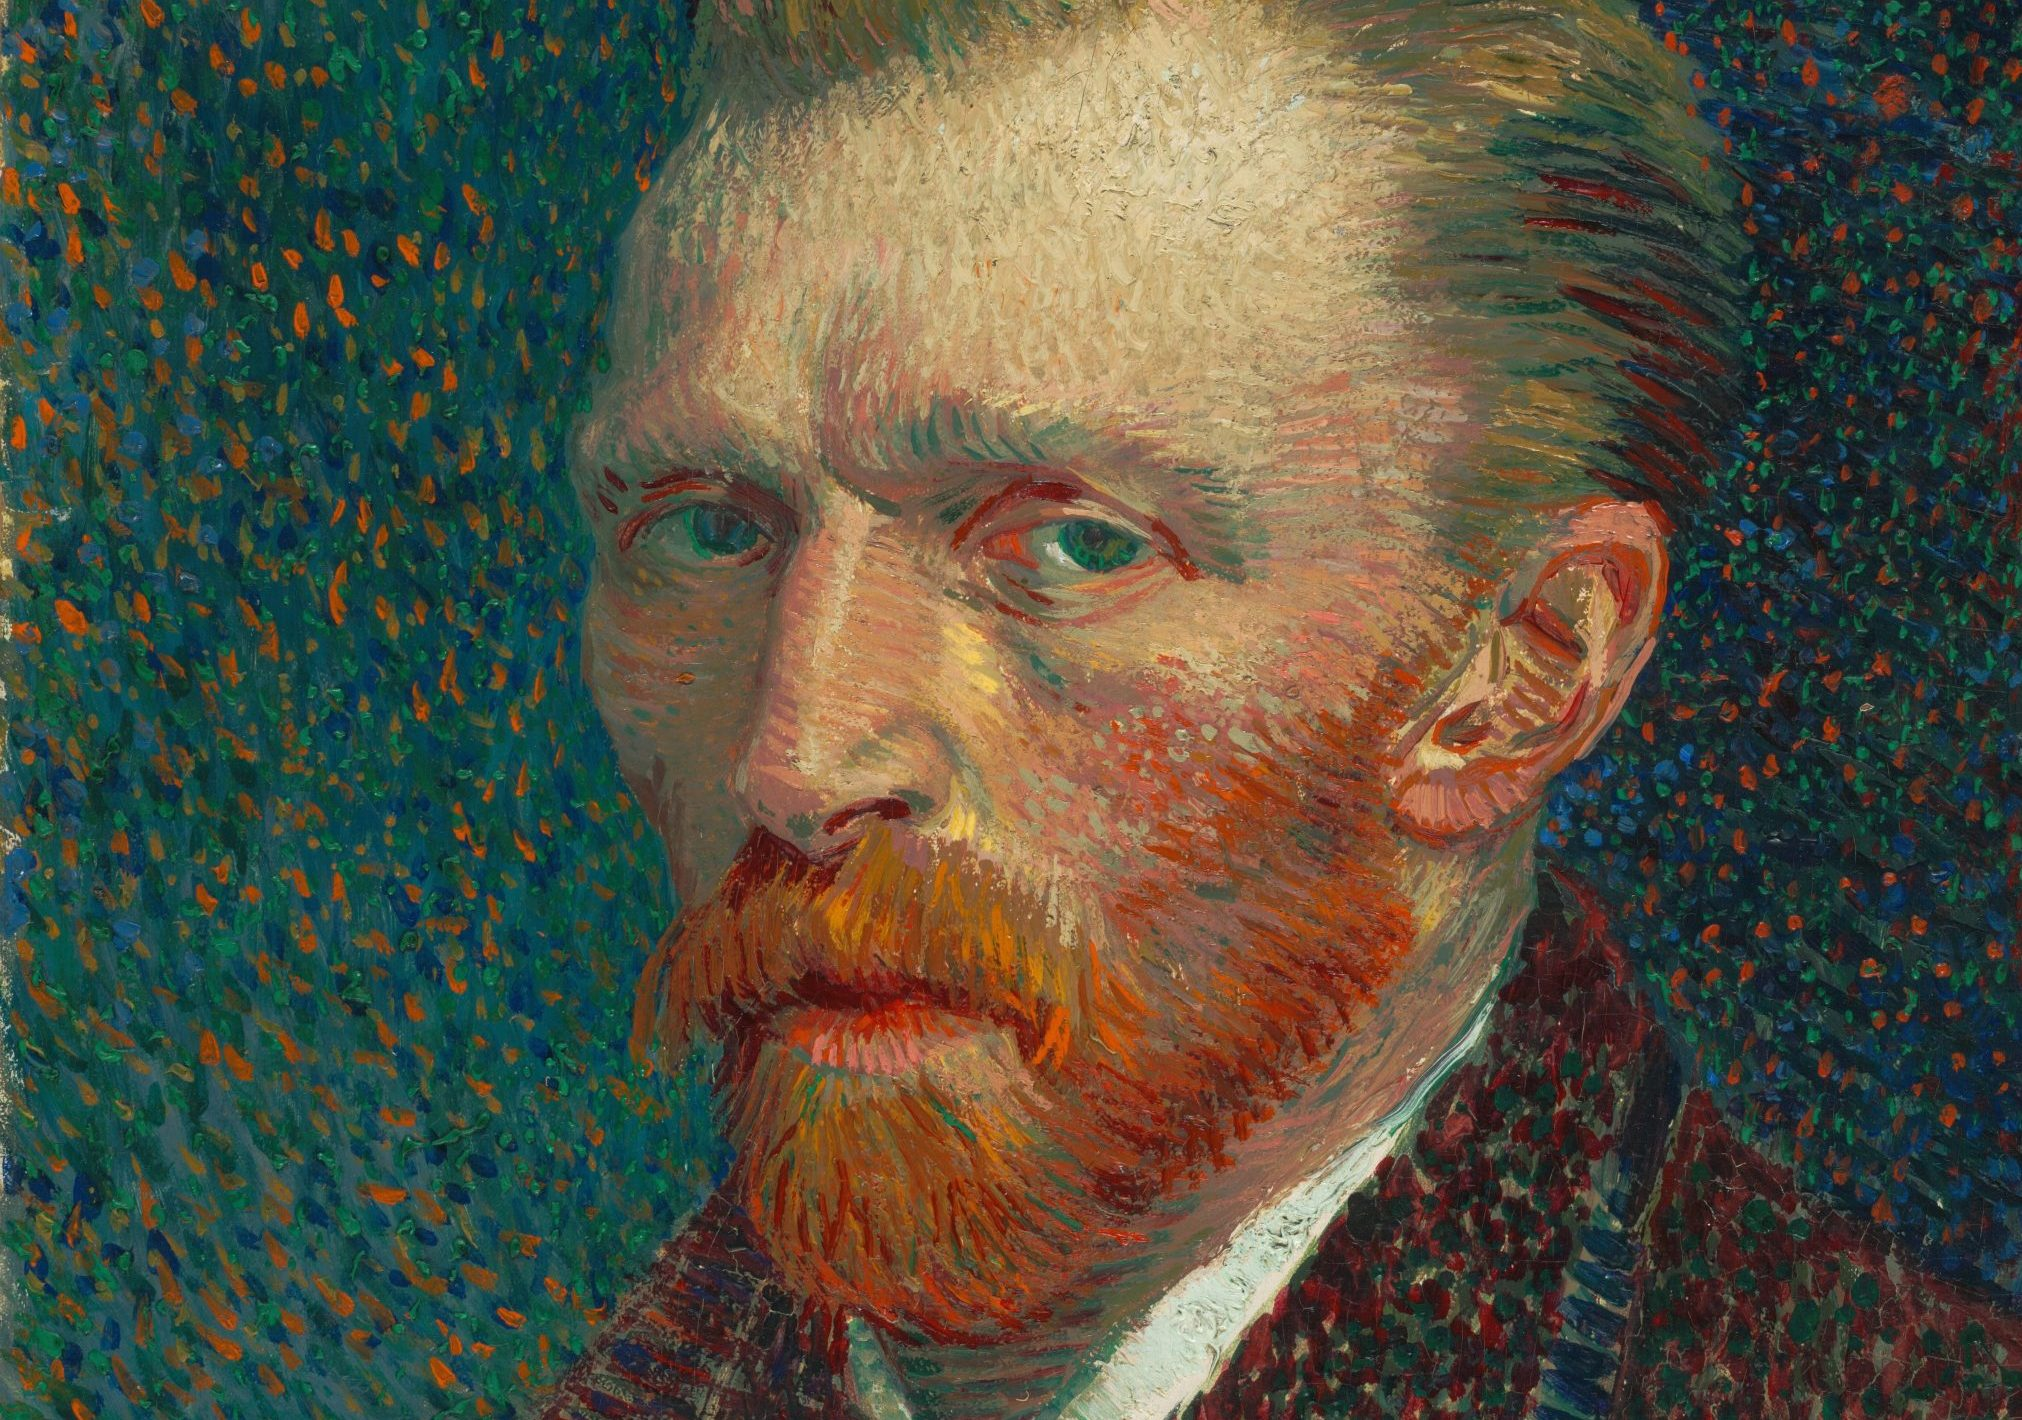 Van Gogh lángba tartotta a kezét, hogy szerelmét bizonyítsa…